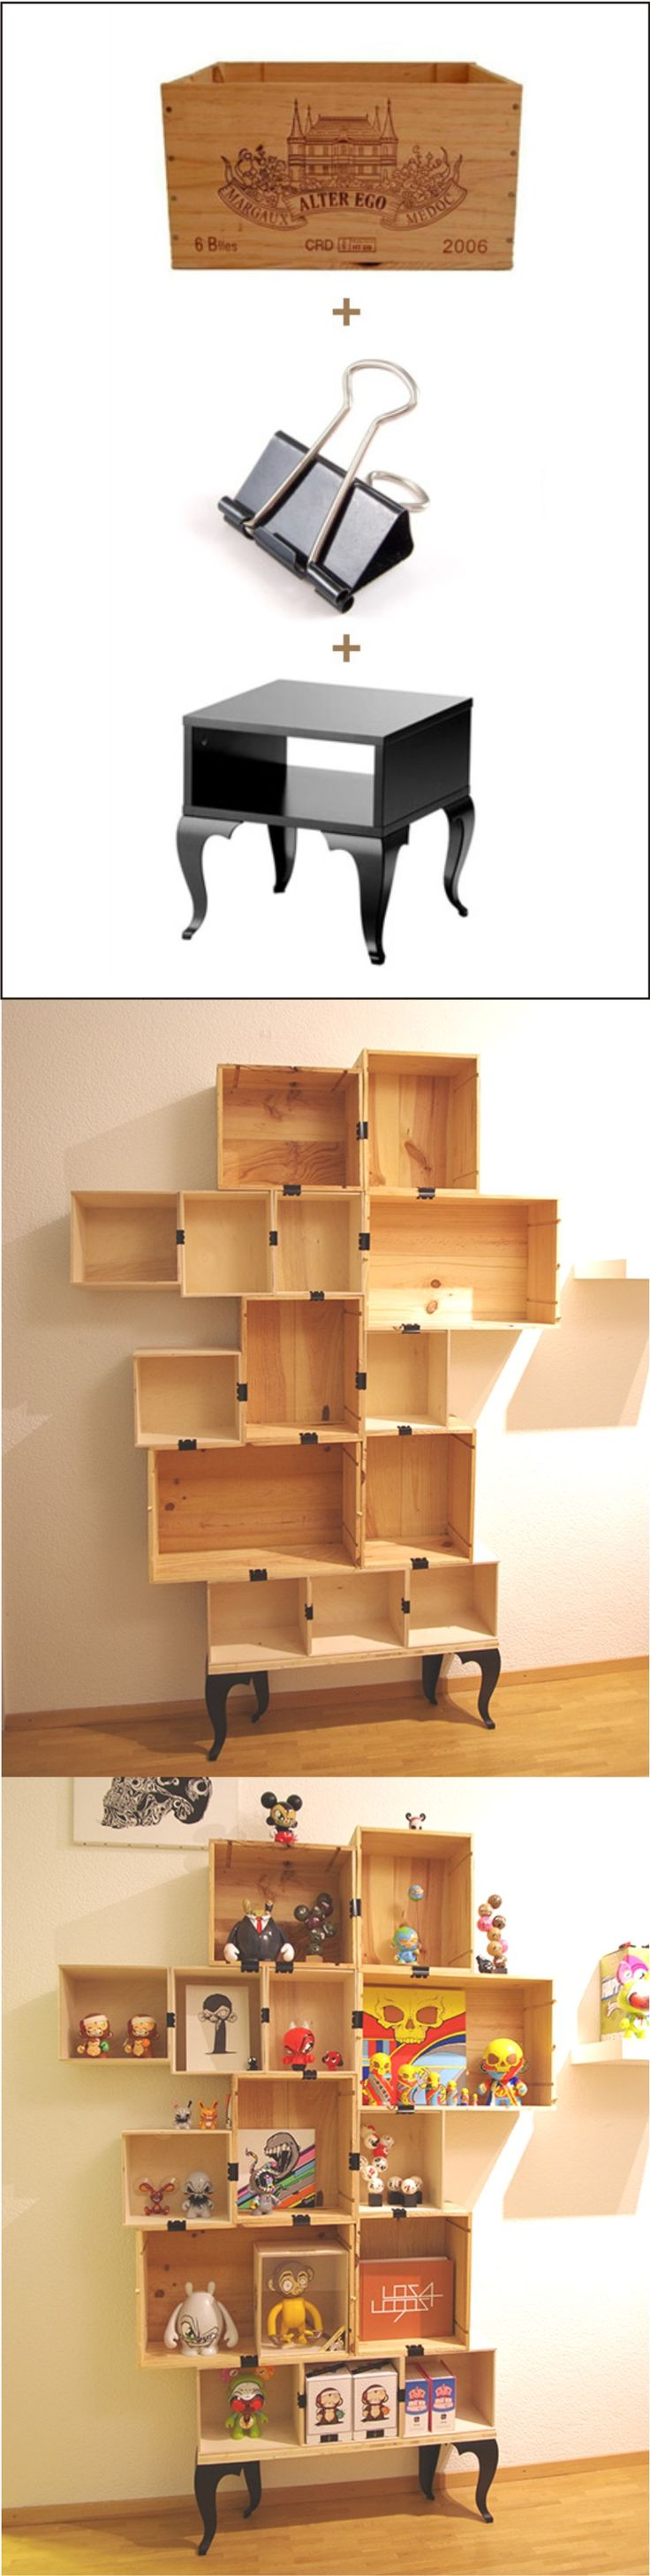 Ingeniosa estantería con cajas de vino